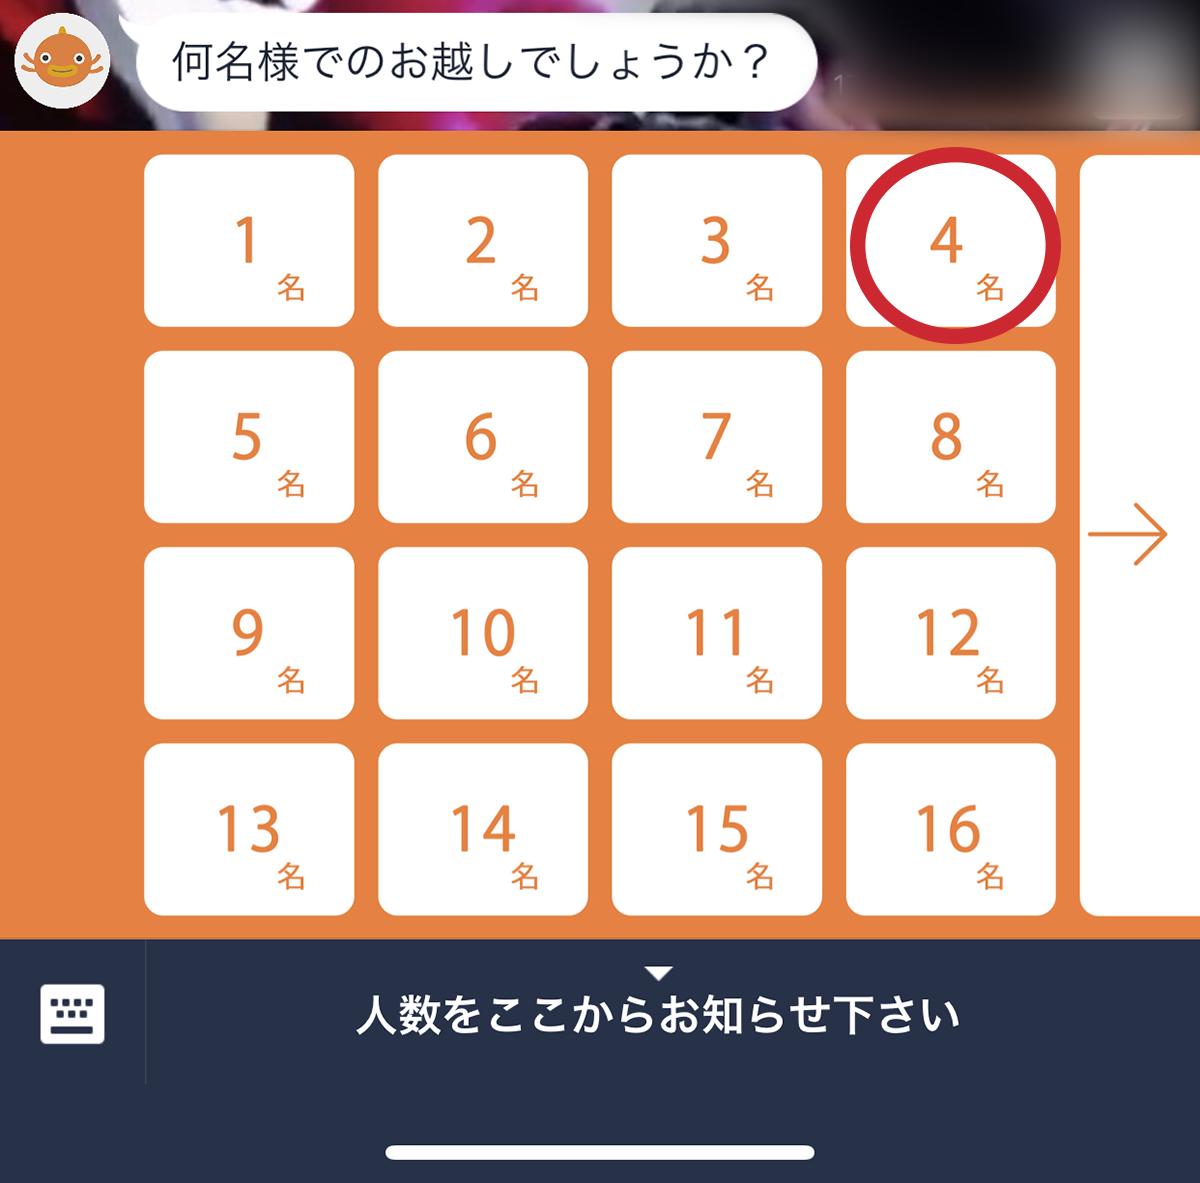 そうすると人数を選べる画面が出てきます。16名以上の場合は「→」をタップすると選べるようになっています。今回は「4名」を選択。